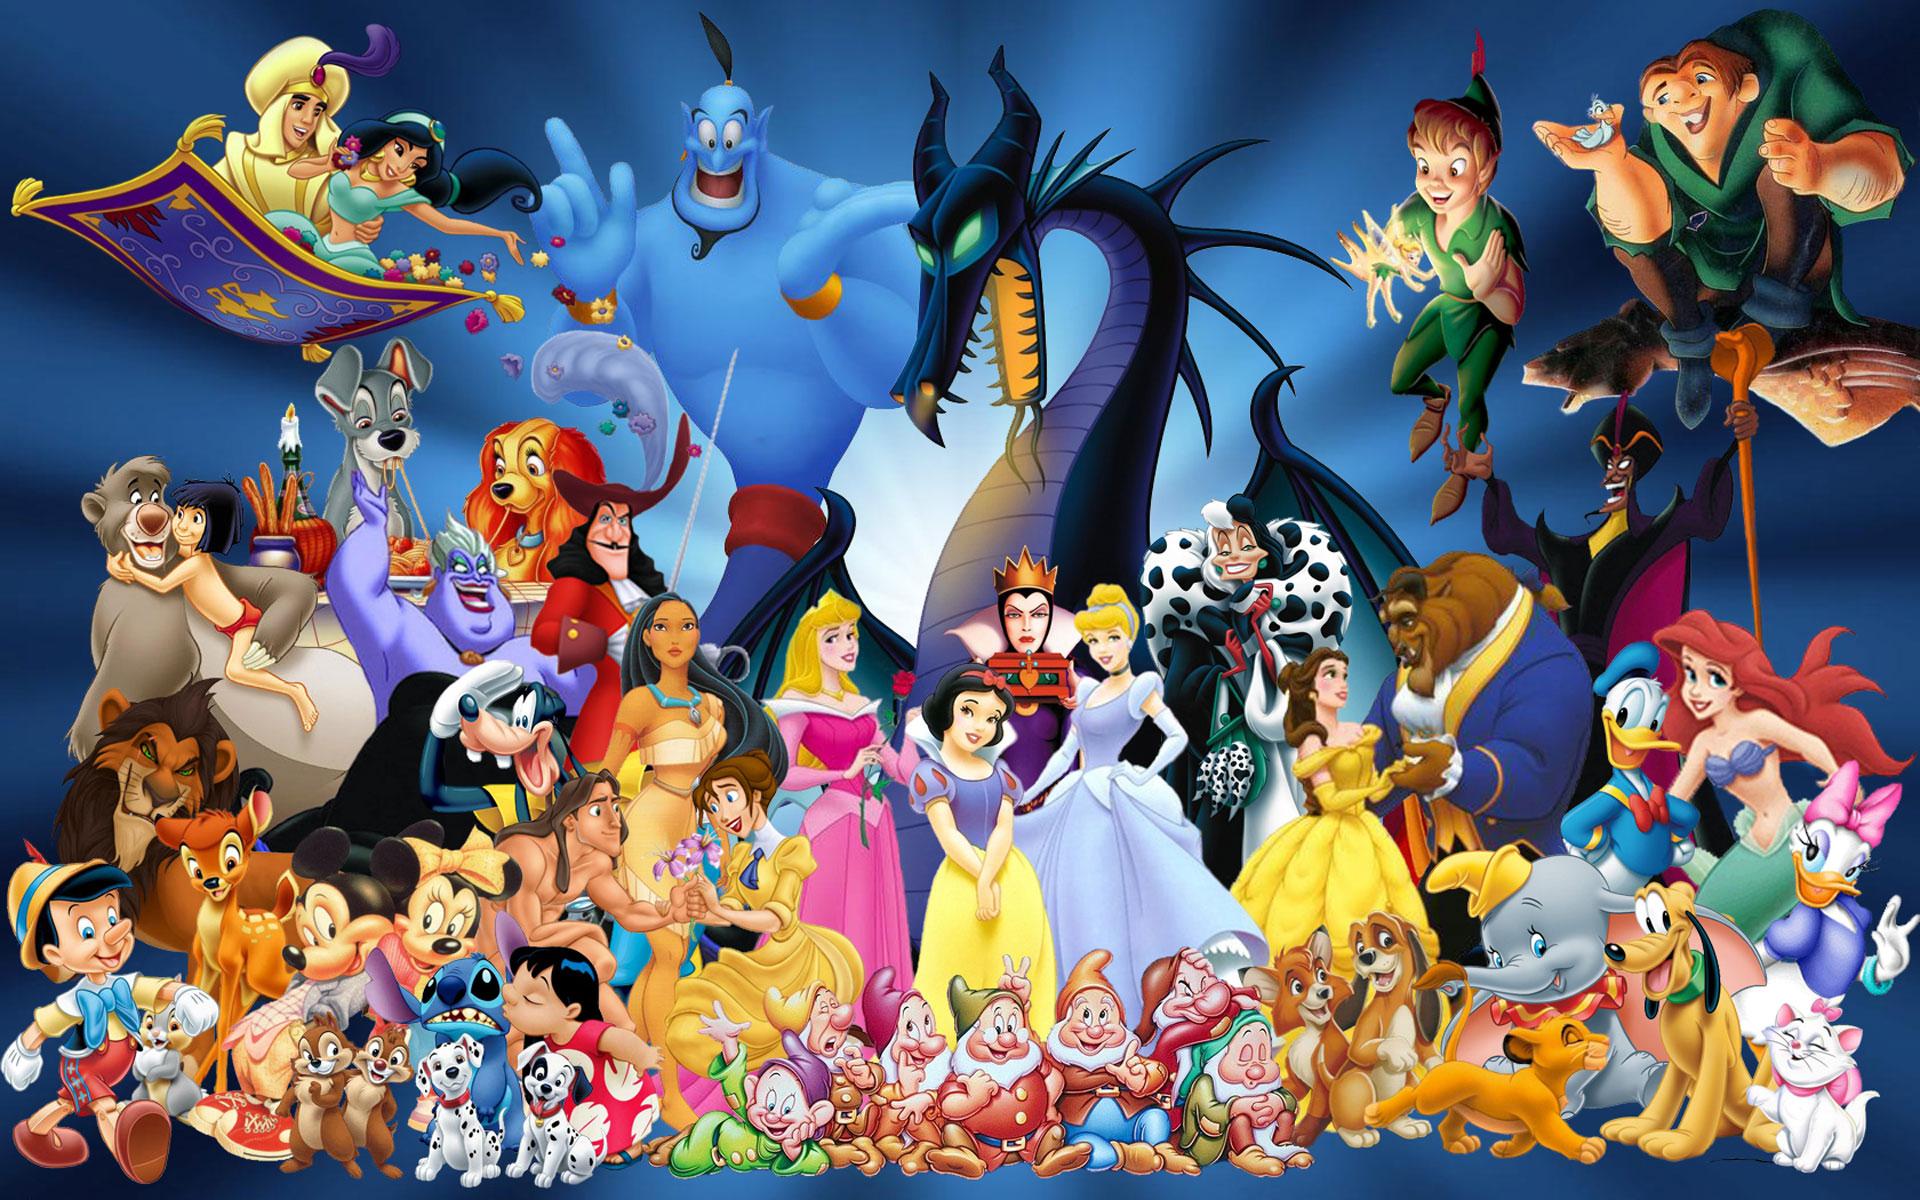 Teoria Disney: Os filmes se passam em um mesmo universo?